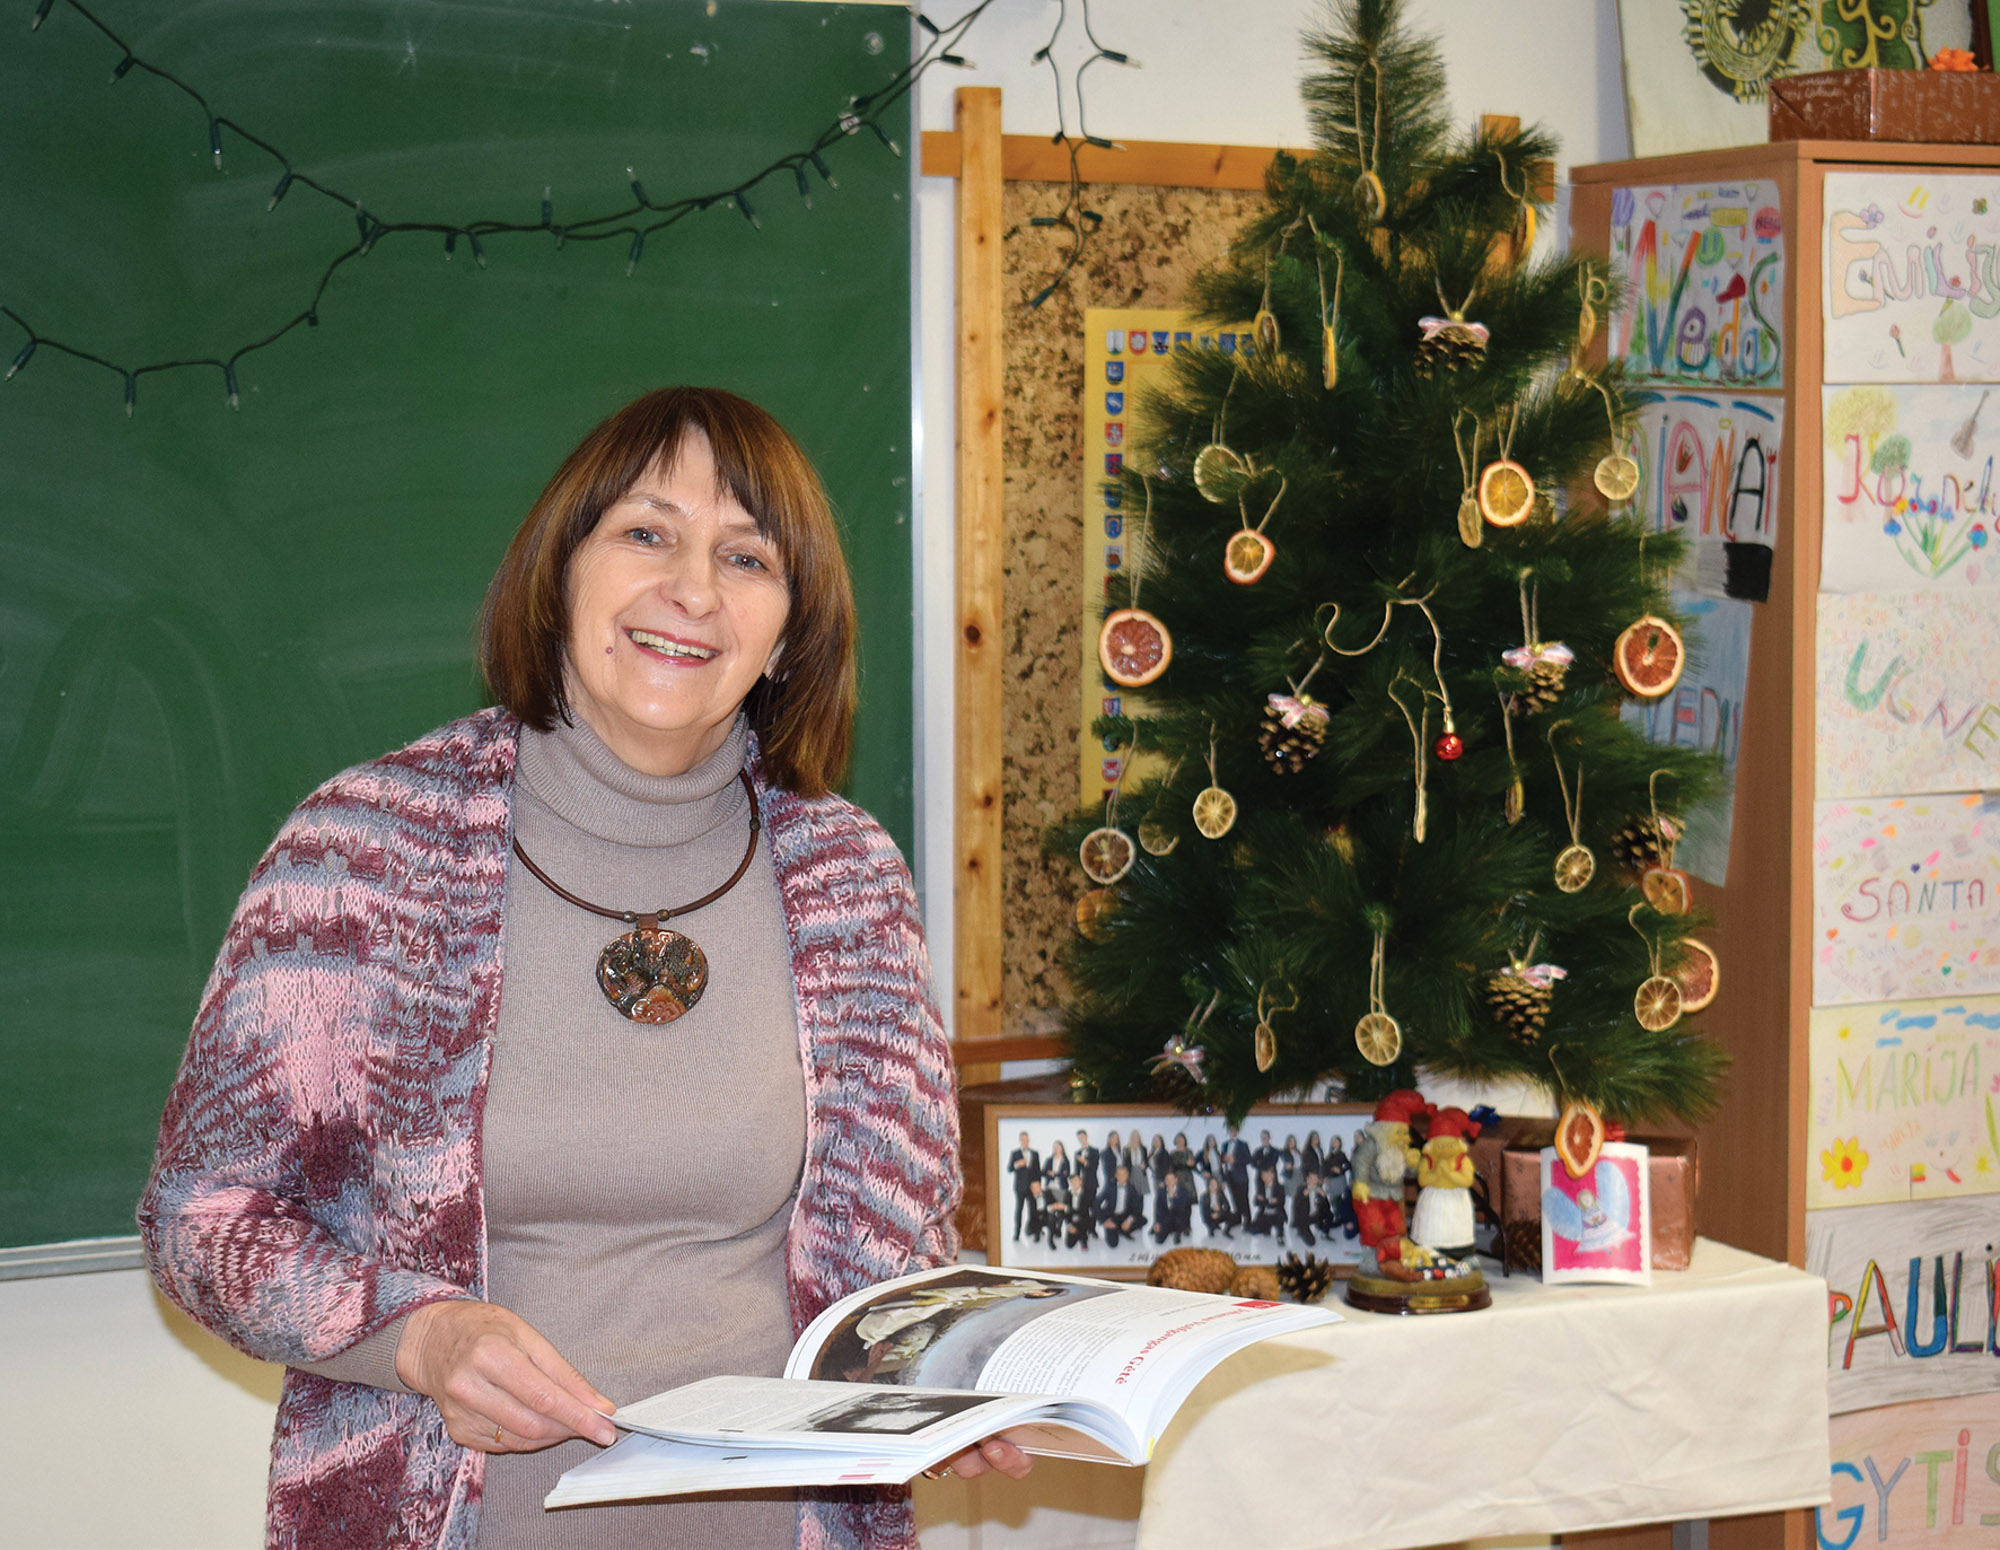 Josvainių gimanzijos lietuvių kalbos mokytoja Onutė Jačiunskienė. Asmeninio archyvo nuotr.